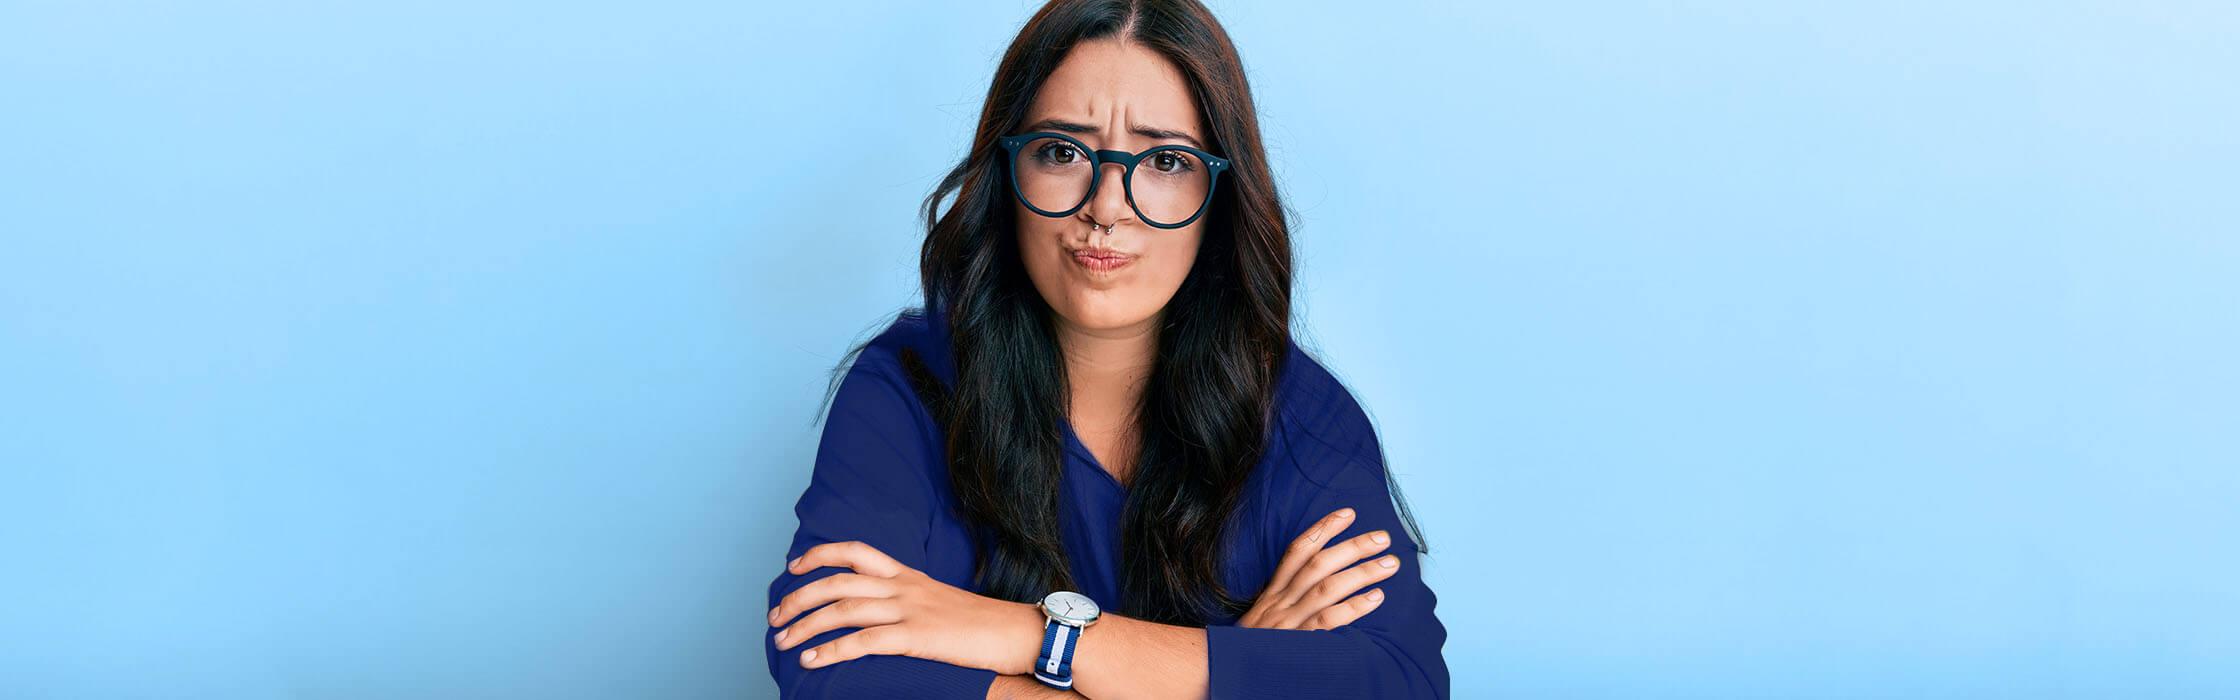 Ragazza con occhiali preoccupata di inserire le lenti a contatto